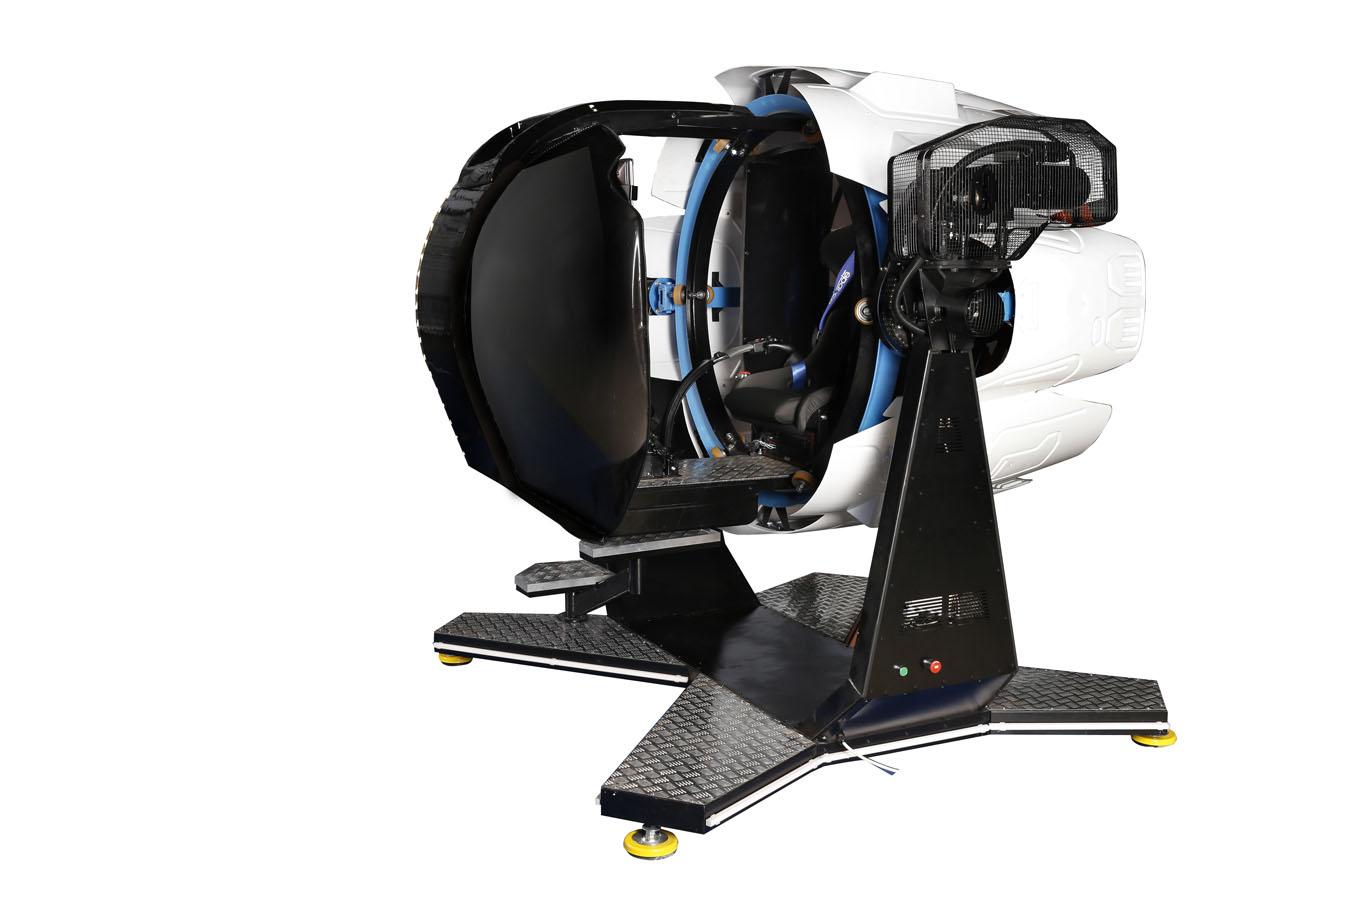 航天航空模擬飛行器、飛行模擬器